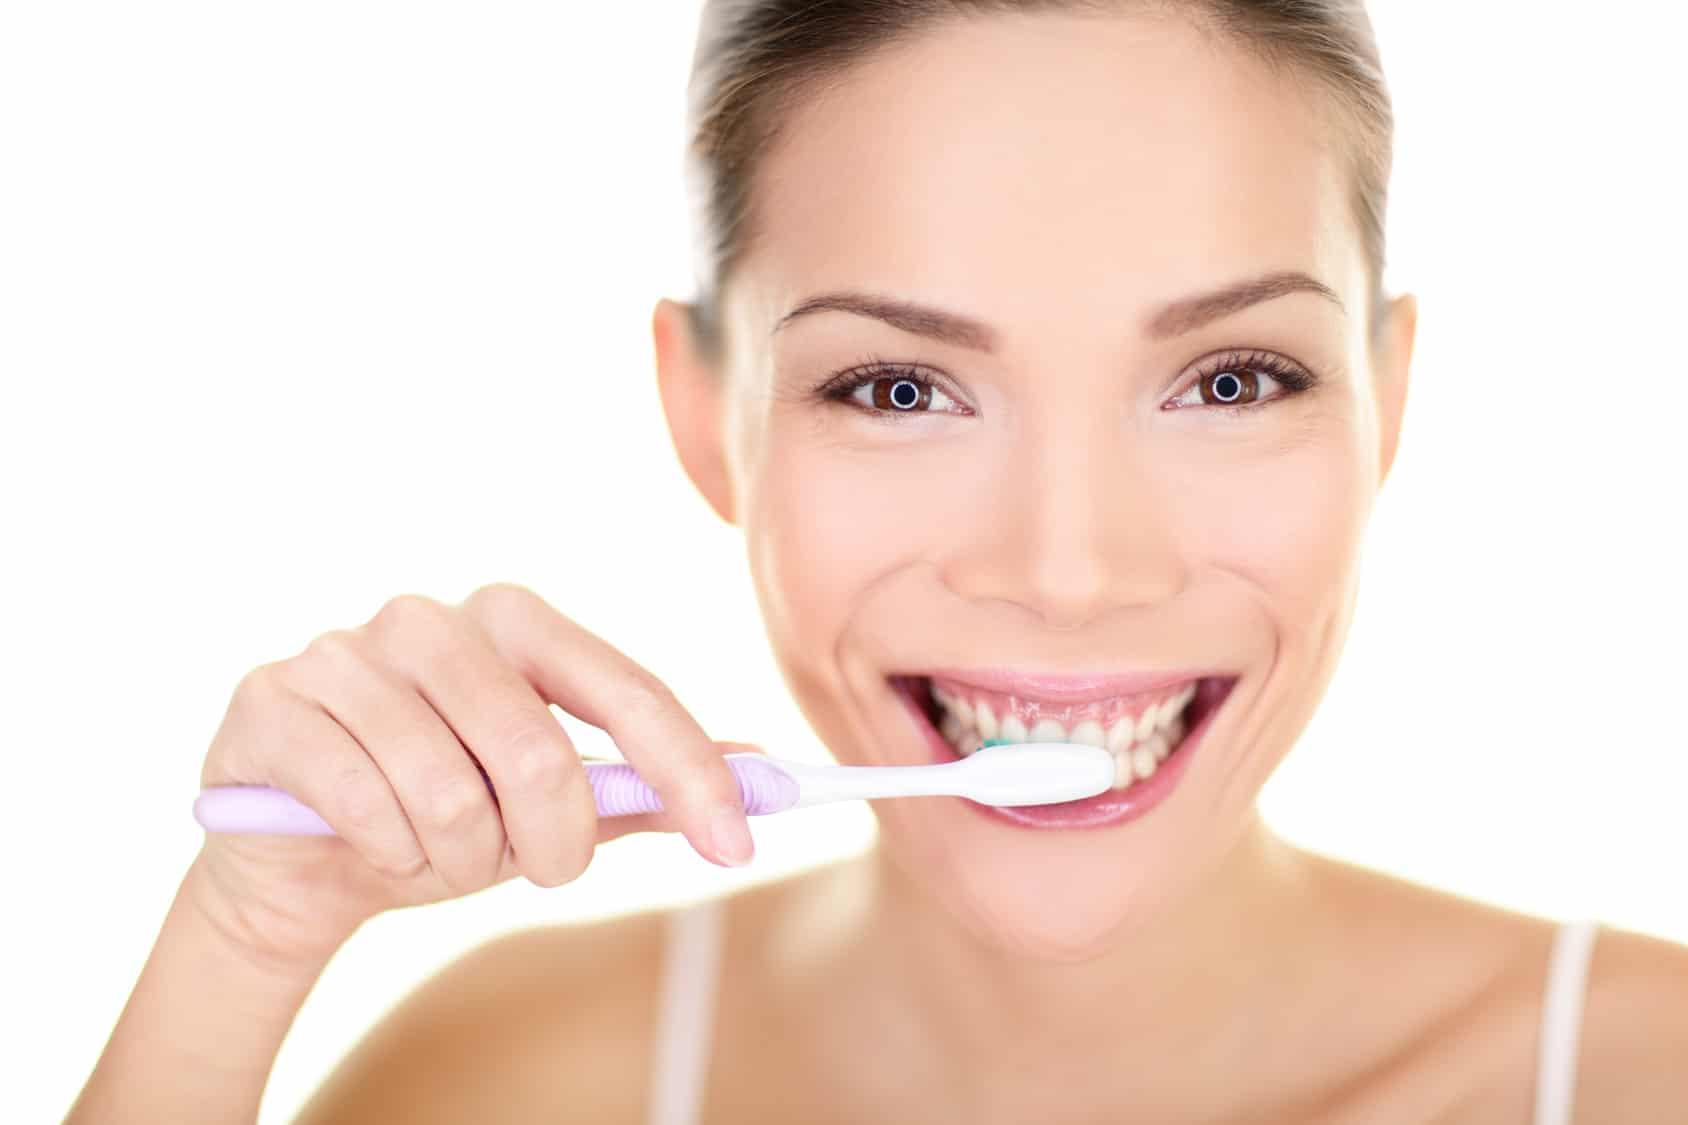 Woman brushing teeth holding toothbrush